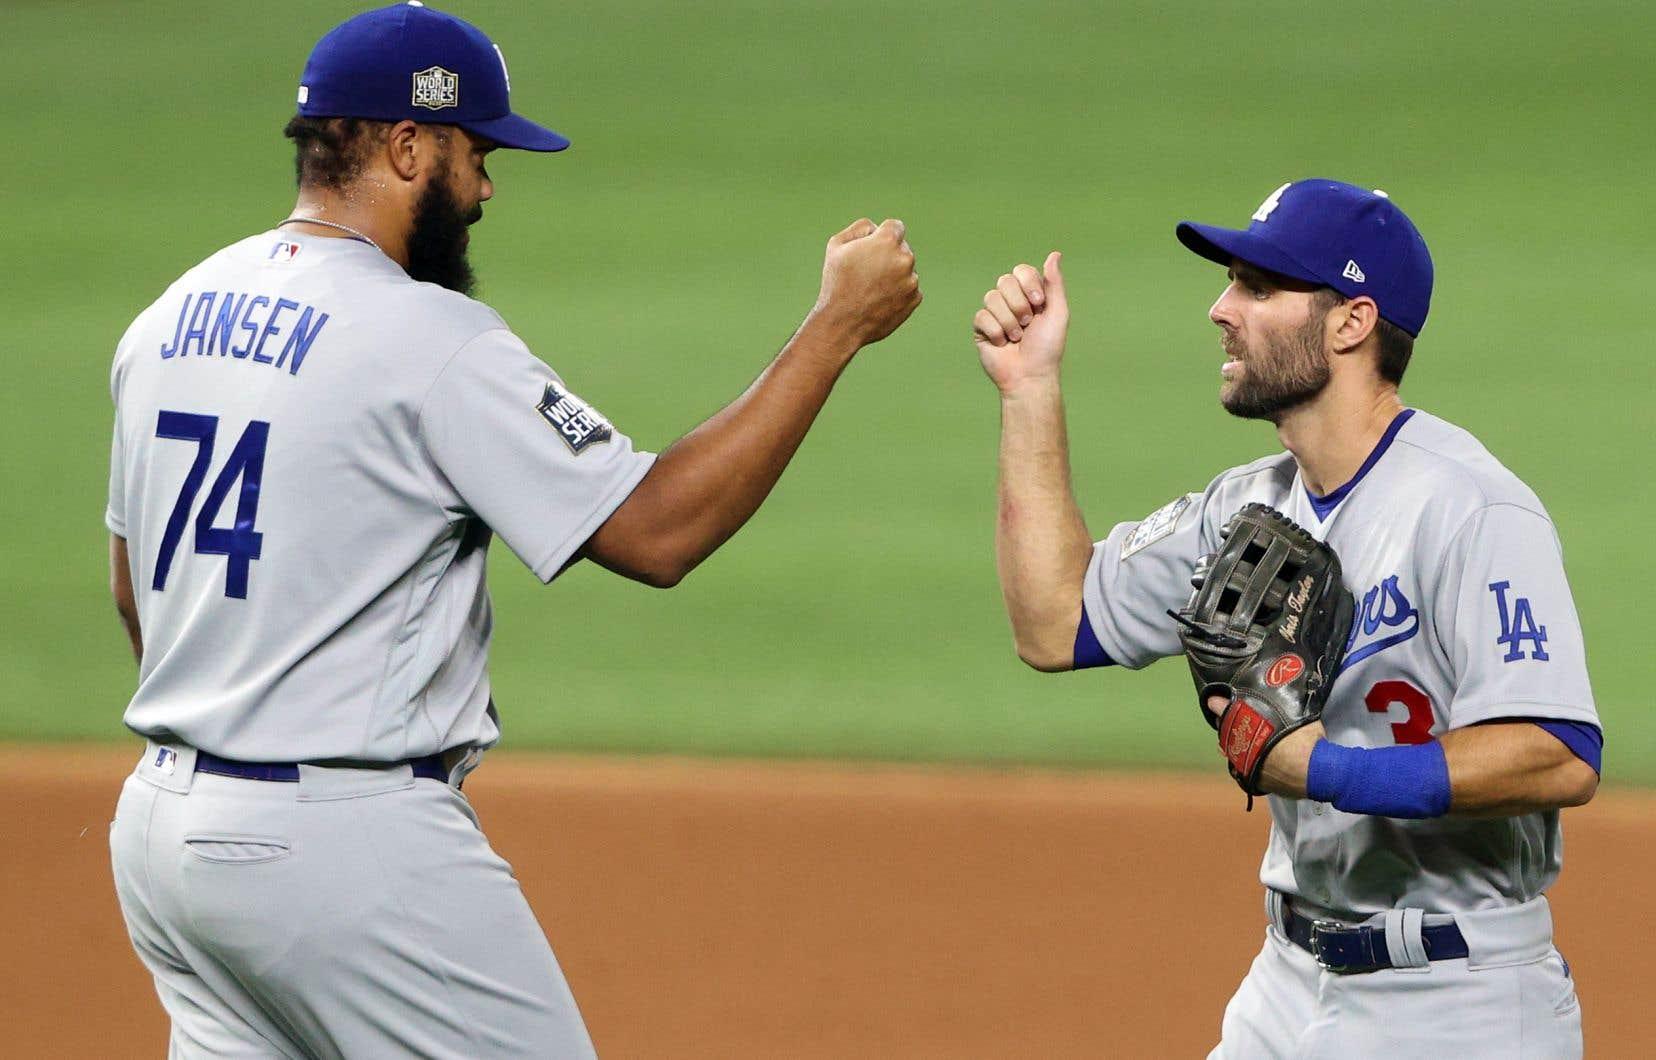 Les Dodgers ont pris les devants 2-1 dans la Série mondiale et le quatrième affrontement aura lieu samedi soir.